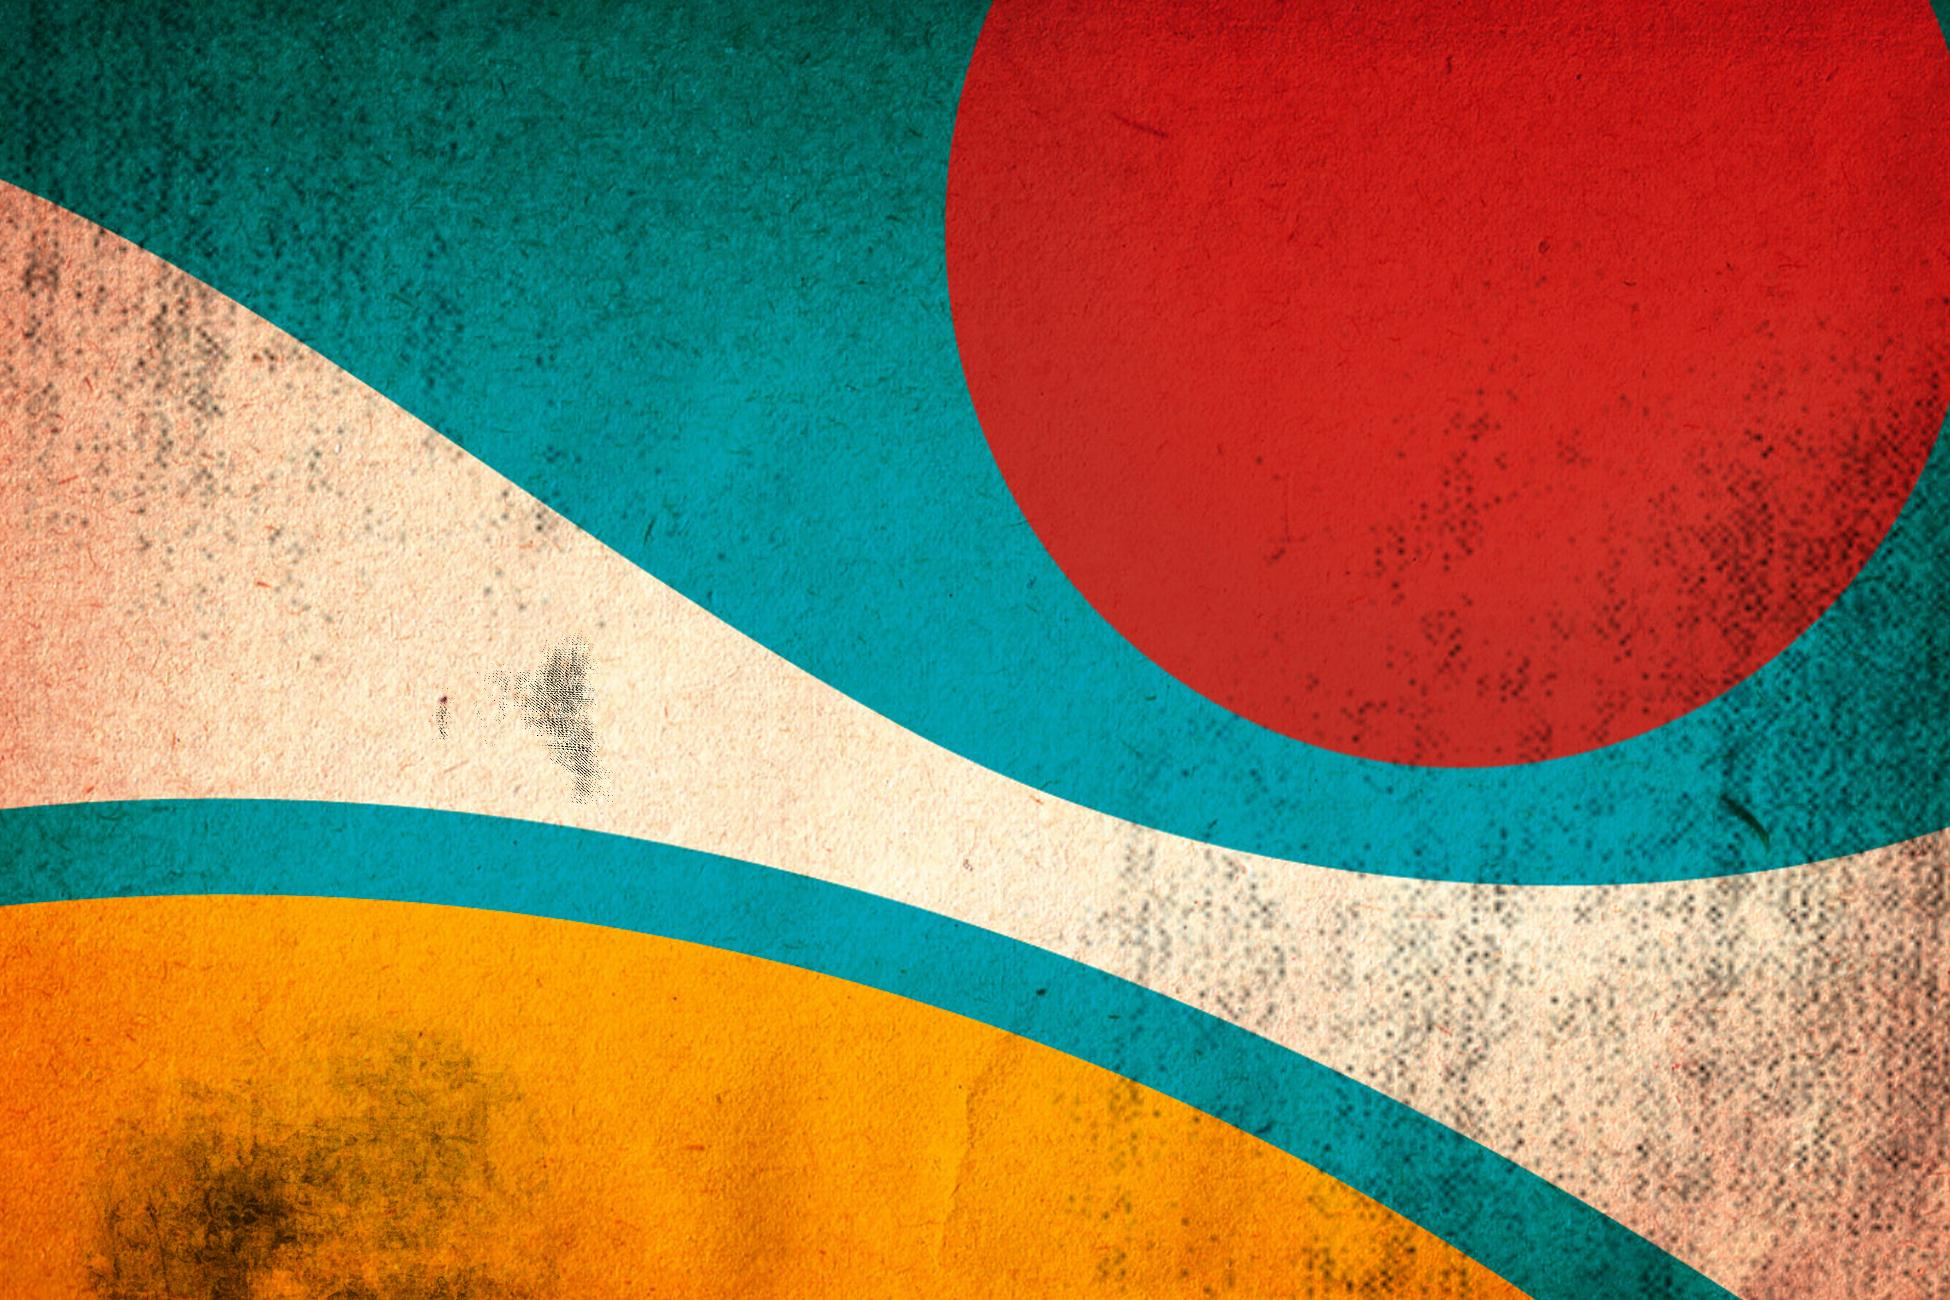 12 flyer background designs images free background flyer design